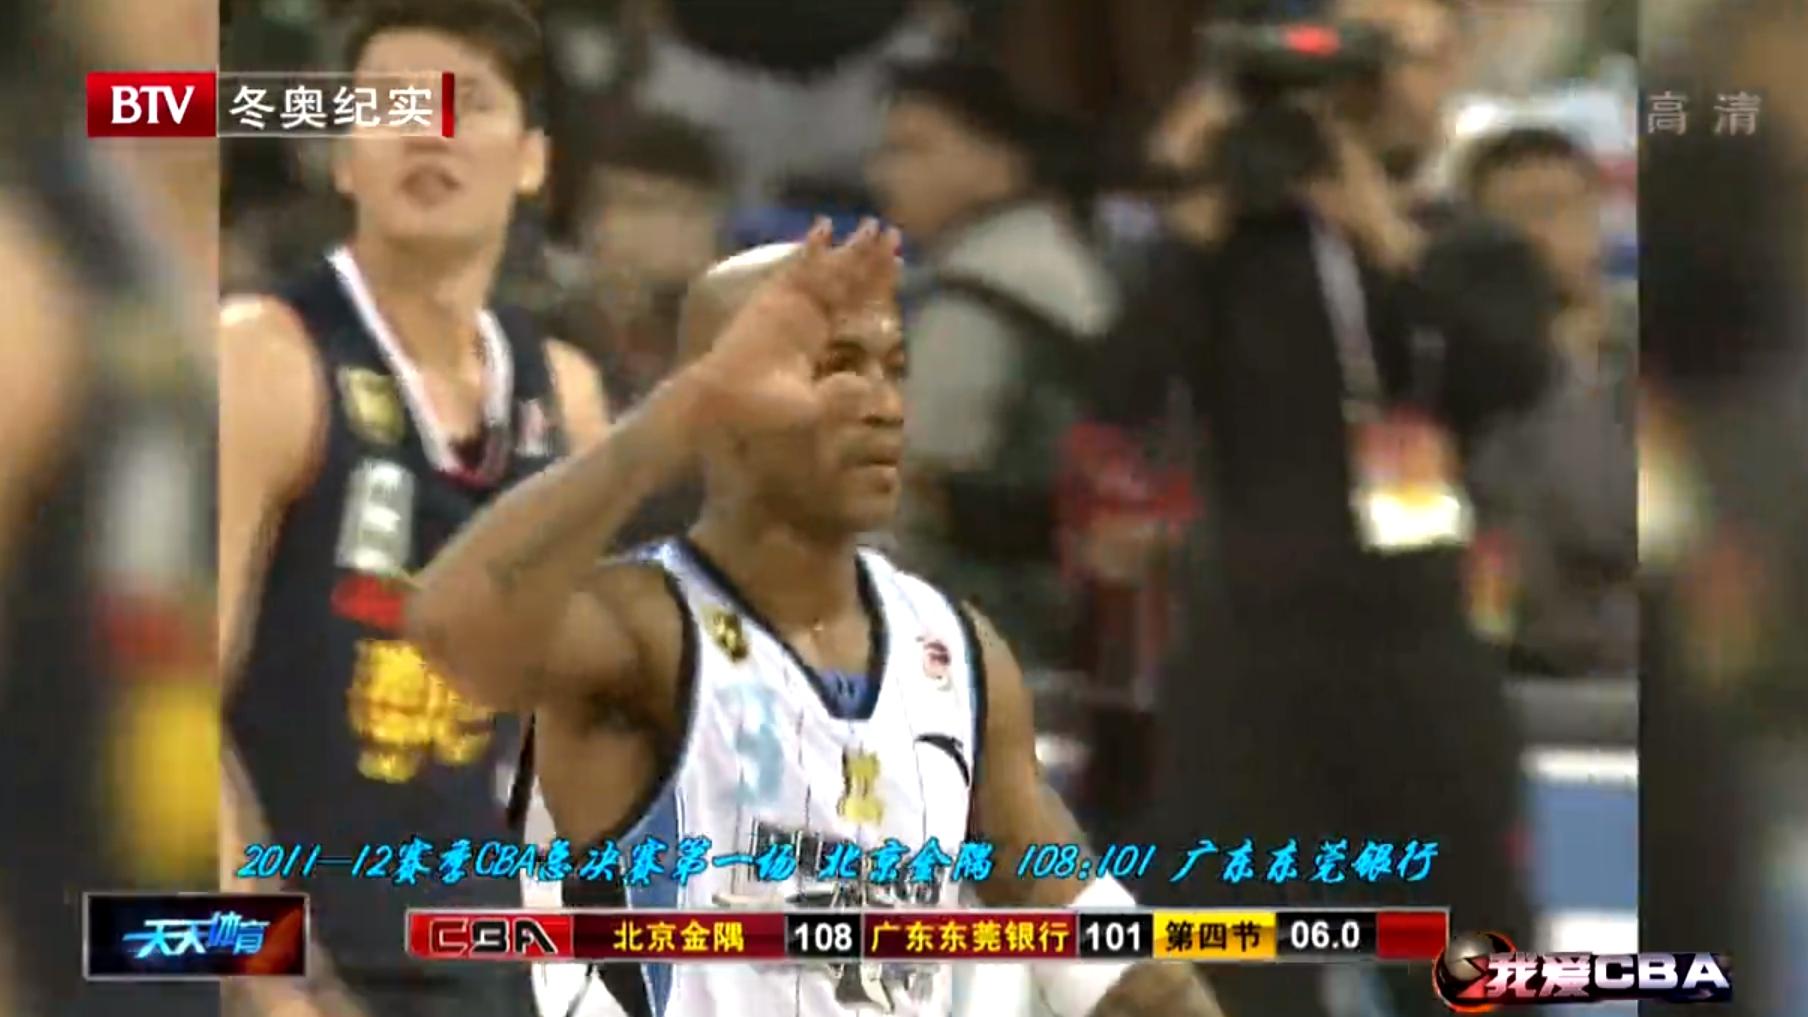 我爱CBA:回顾2011-12赛季总决赛第一场 蒲京108:101广东